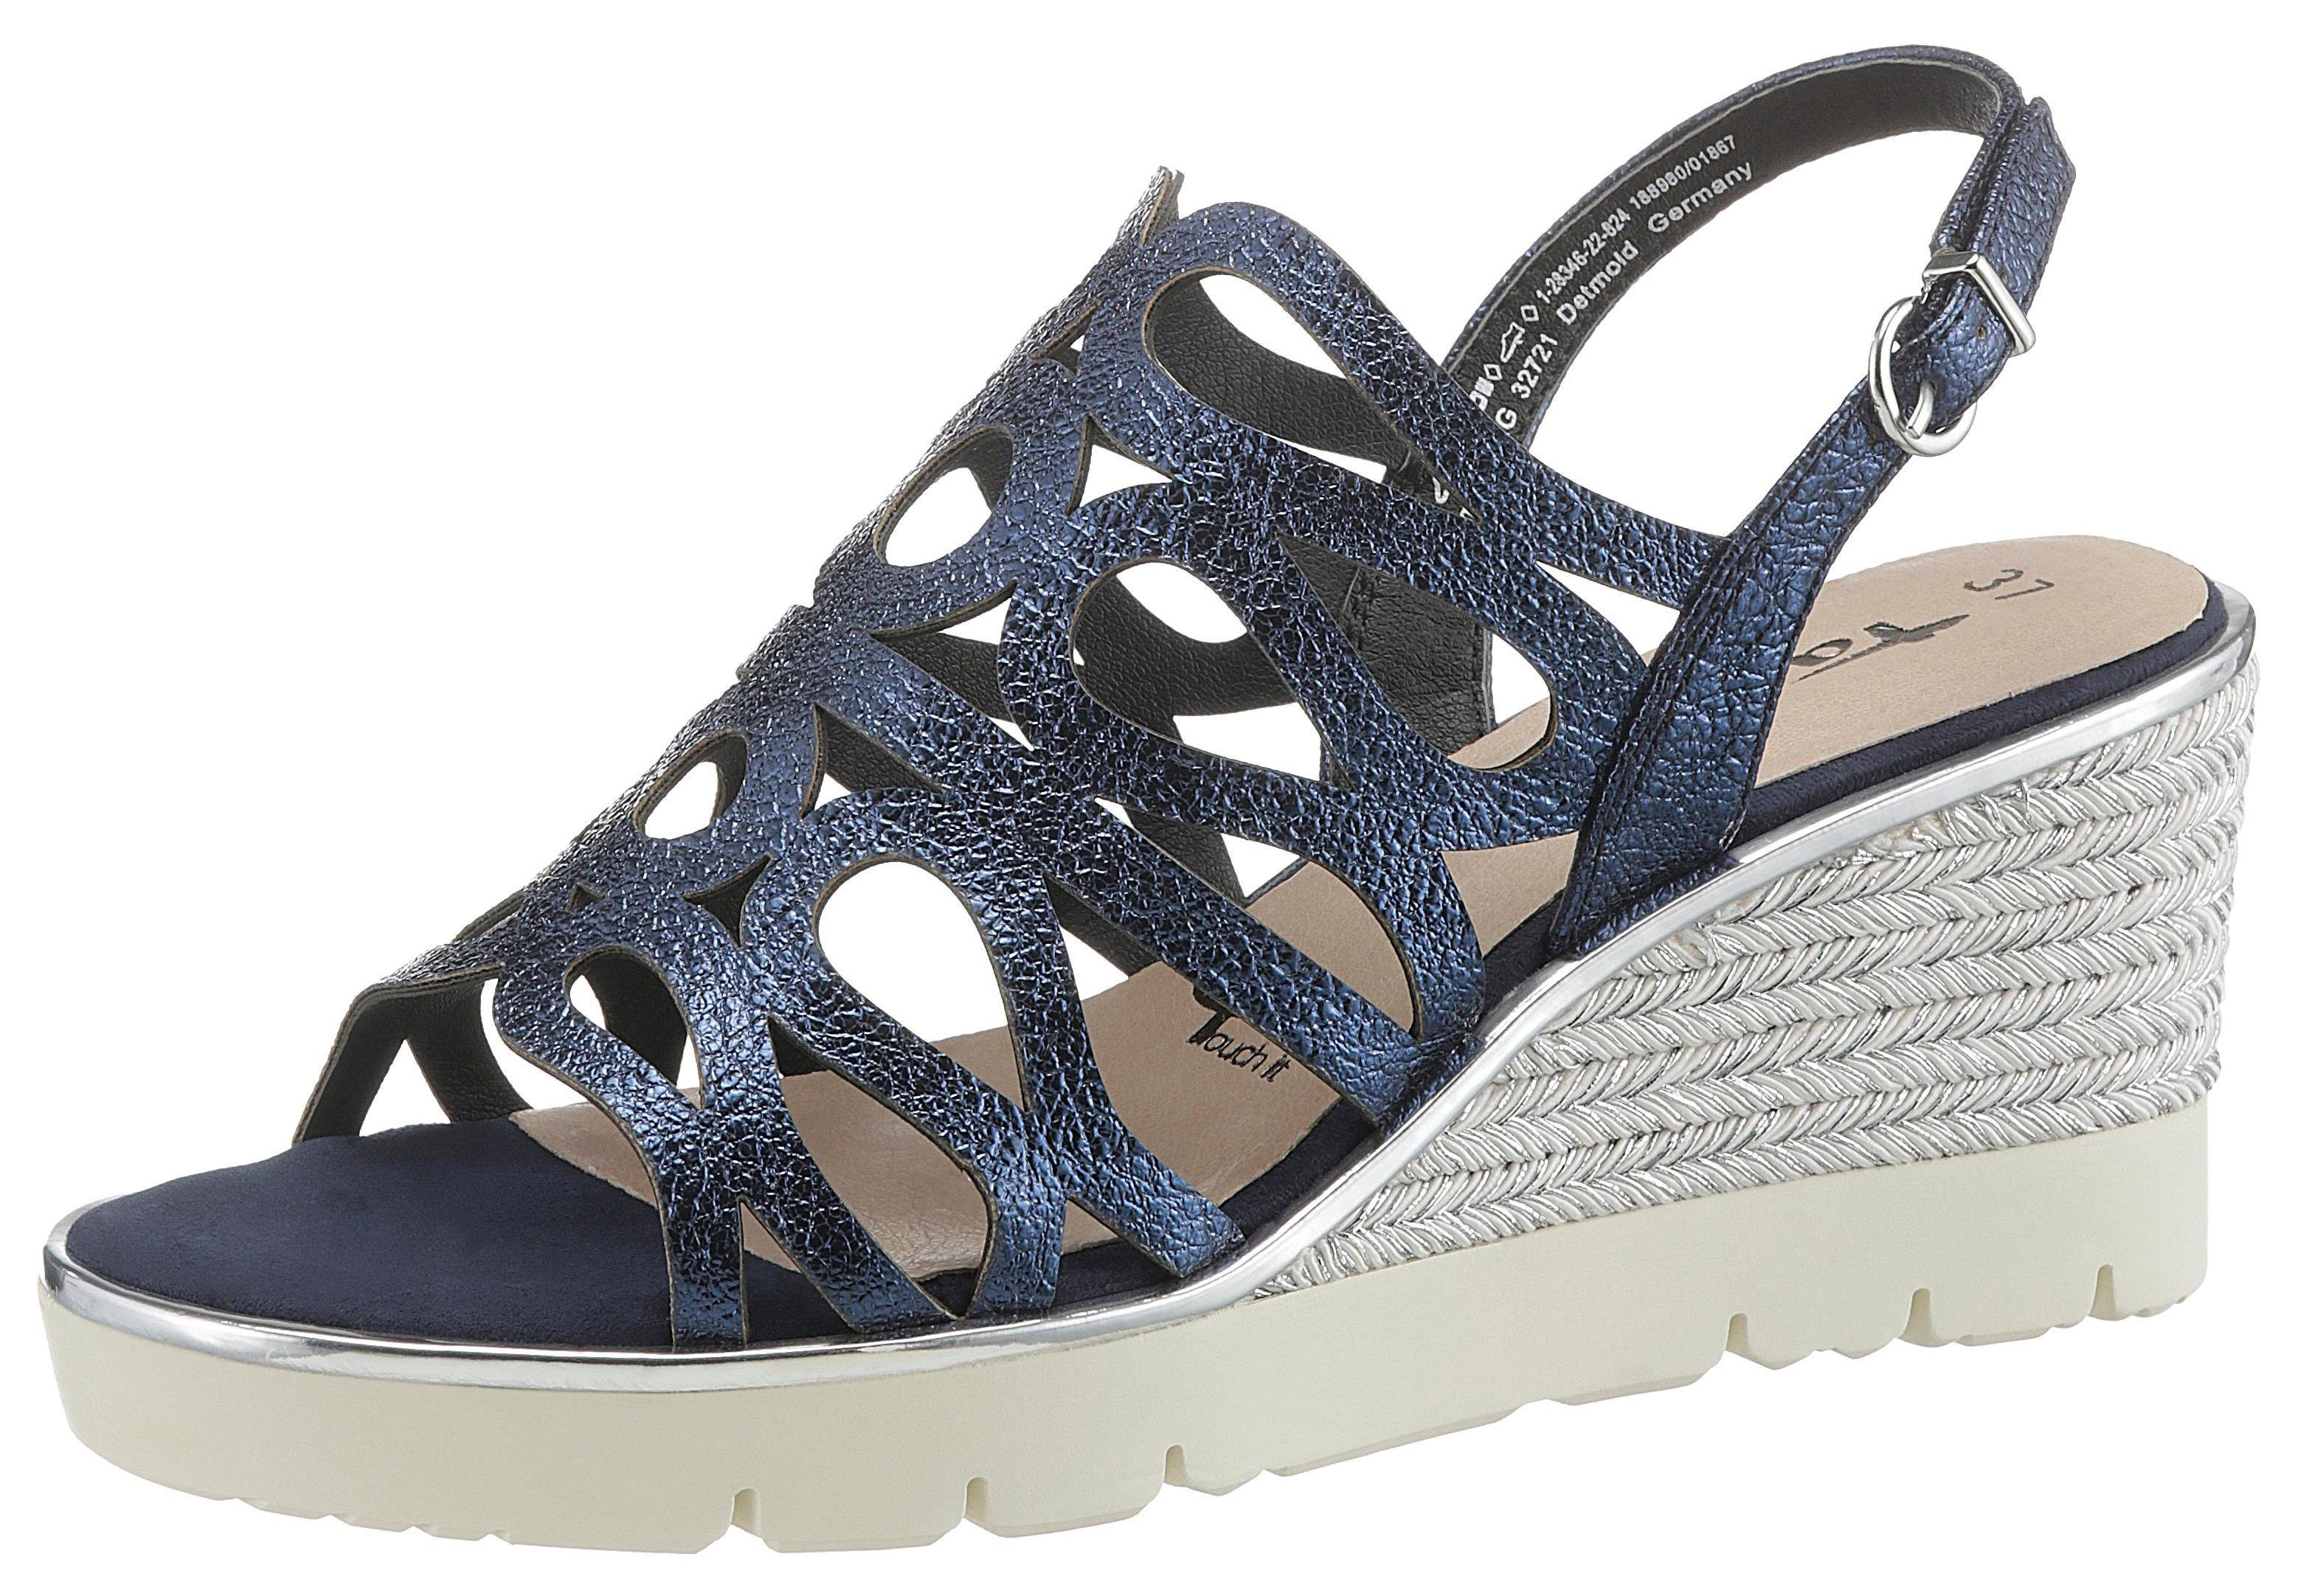 Tamaris »Jette« Sandalette im schönen Metallic Look online kaufen   OTTO